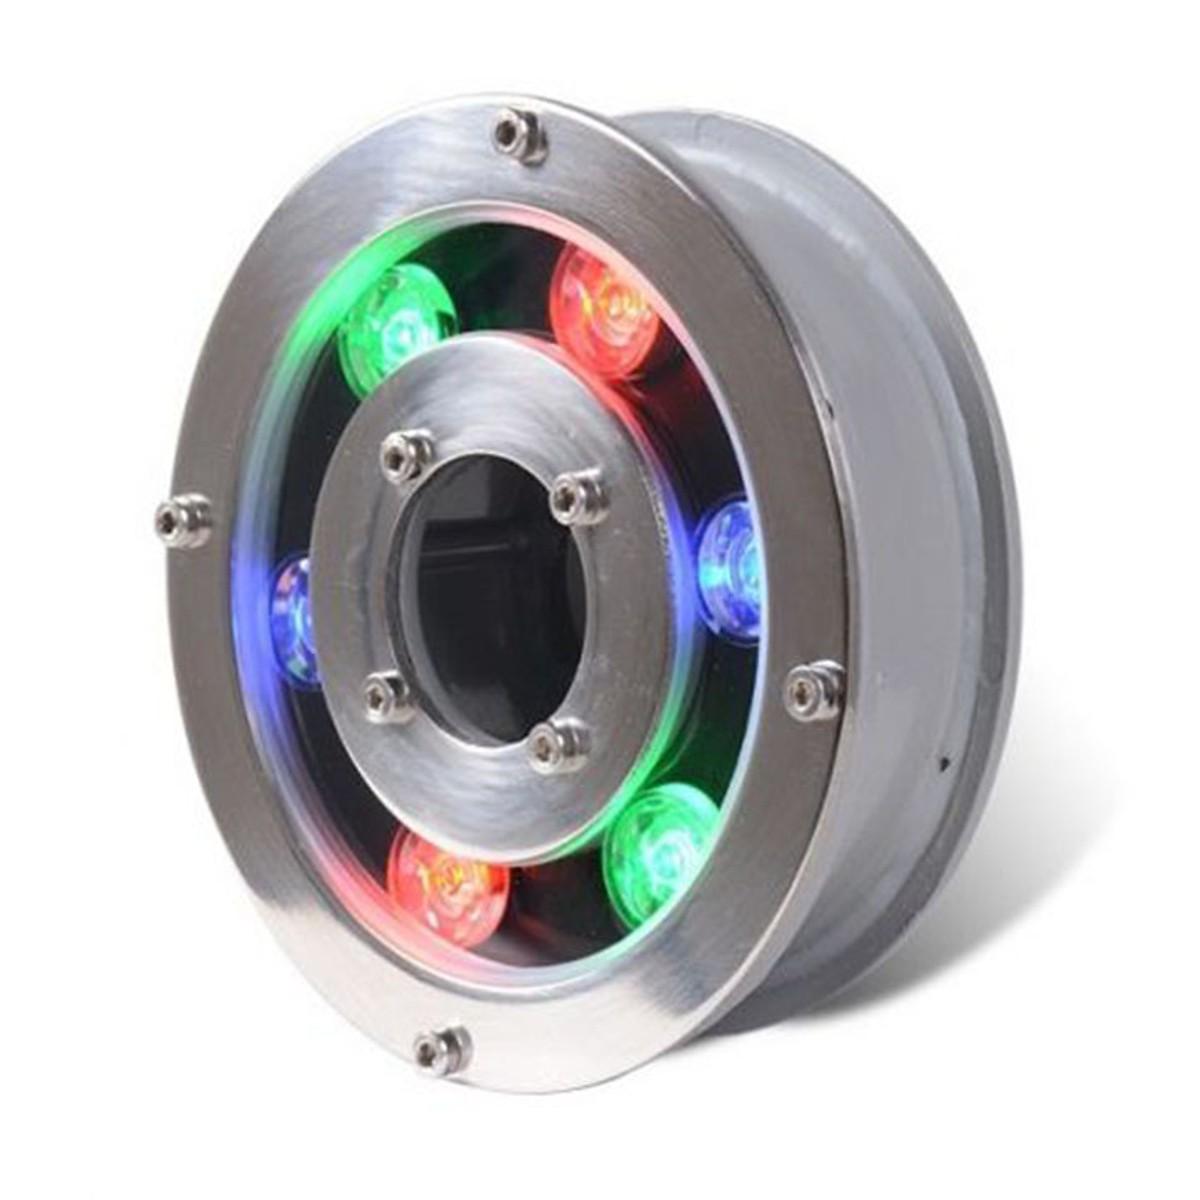 Đèn LED âm nước dạng bánh xe 6W đổi màu 12VAC - Đèn âm nước có lỗ 6w - 18572526 , 1882131047234 , 62_21169128 , 700000 , Den-LED-am-nuoc-dang-banh-xe-6W-doi-mau-12VAC-Den-am-nuoc-co-lo-6w-62_21169128 , tiki.vn , Đèn LED âm nước dạng bánh xe 6W đổi màu 12VAC - Đèn âm nước có lỗ 6w